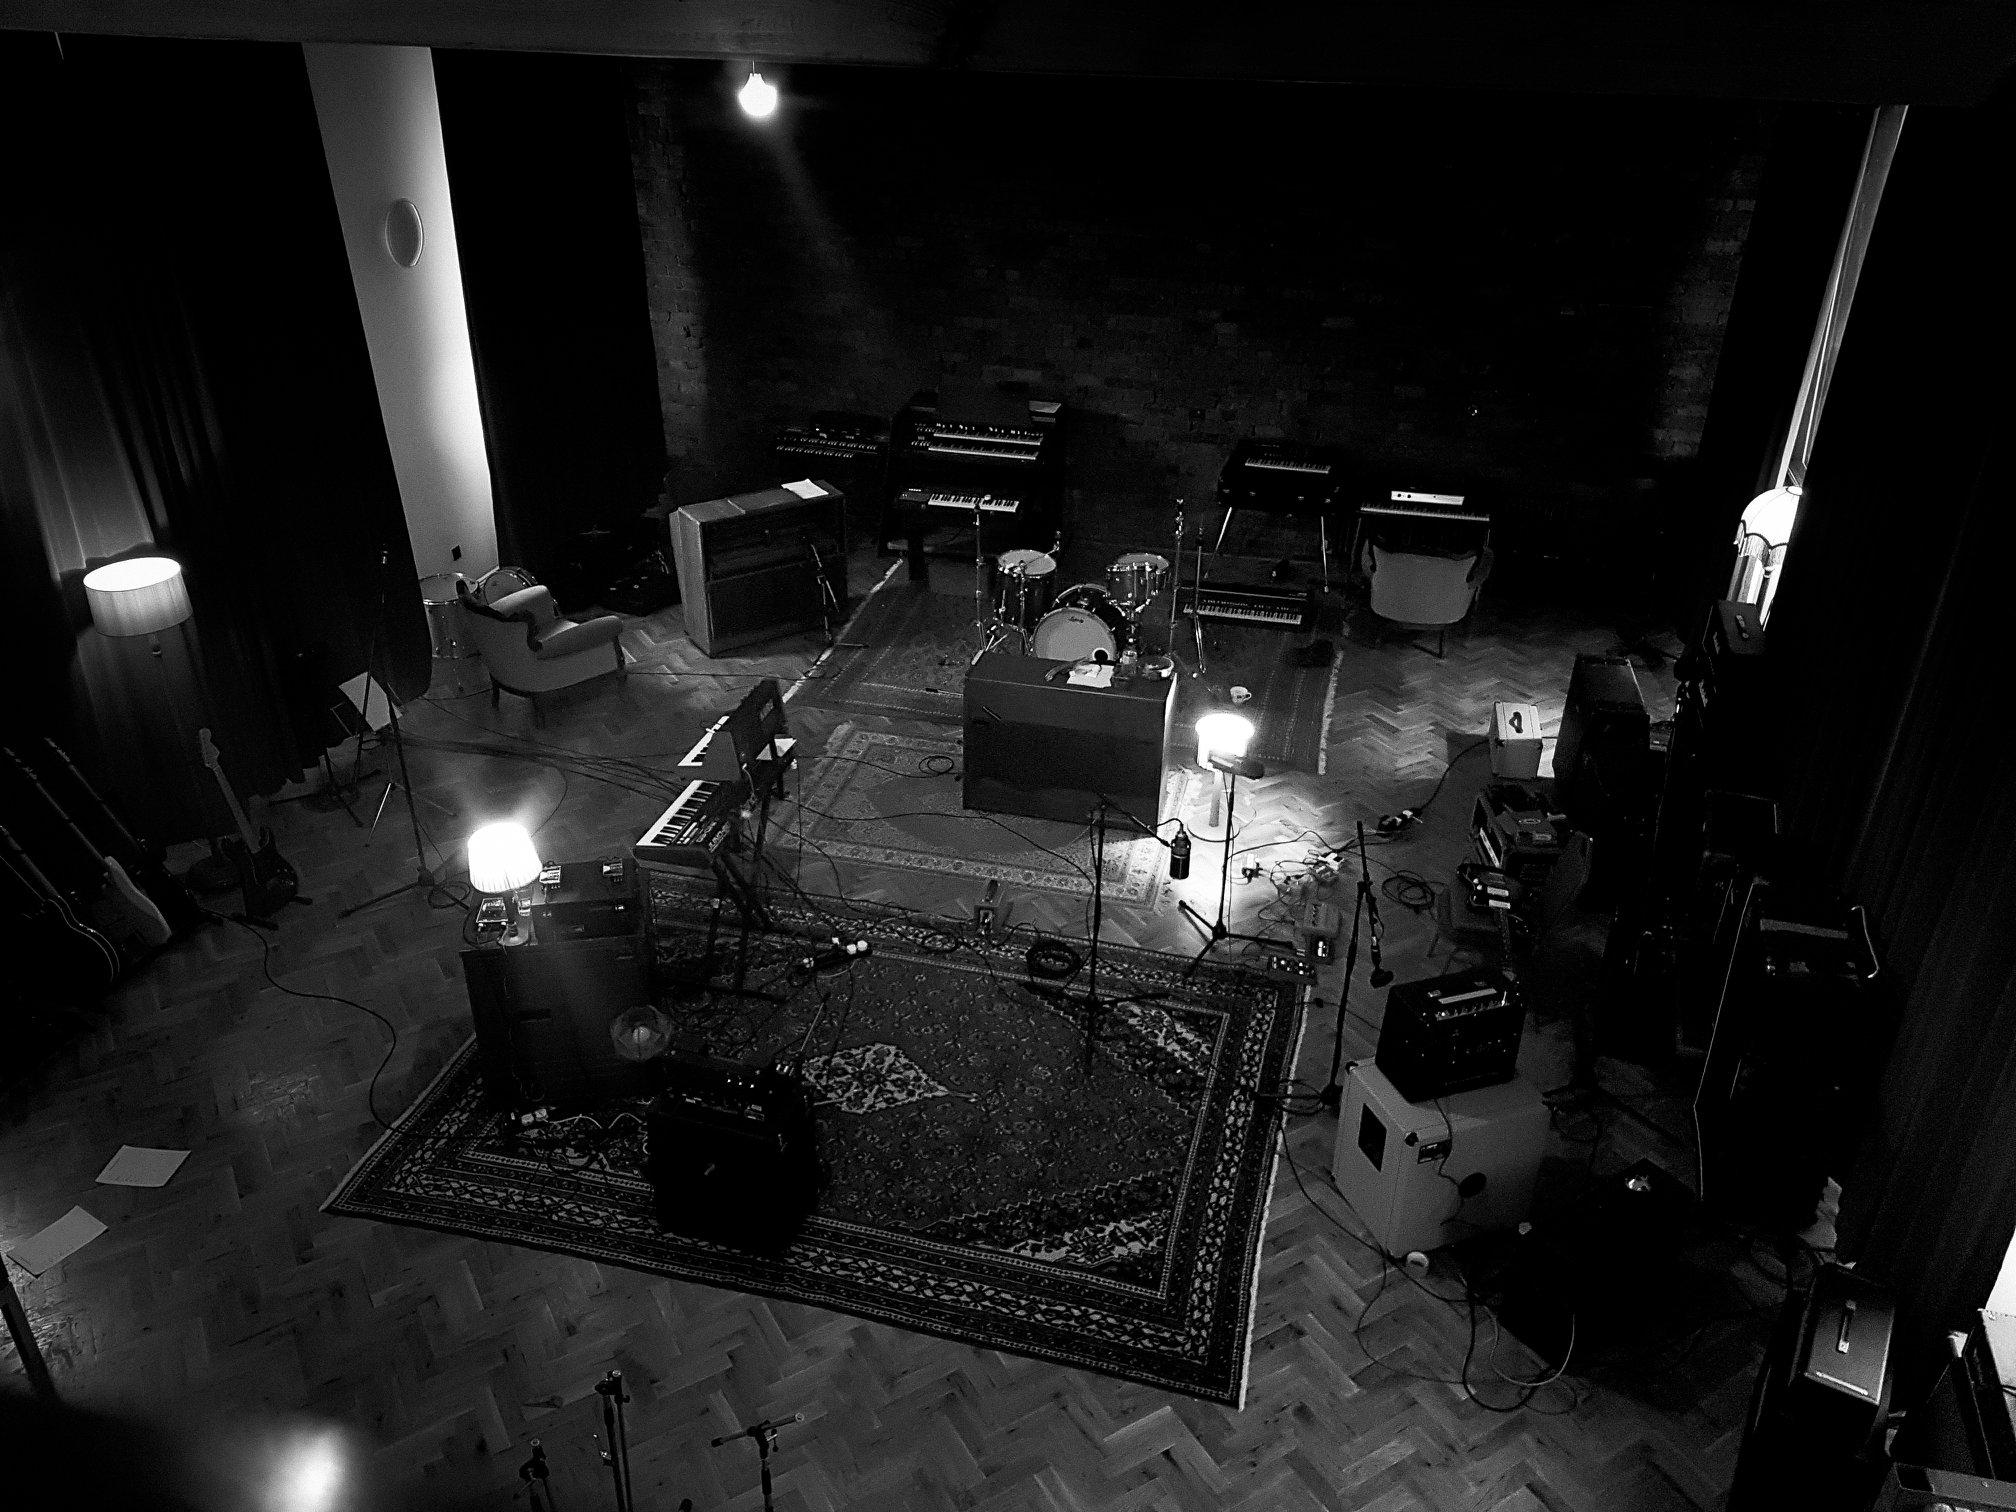 Albecq studio shot